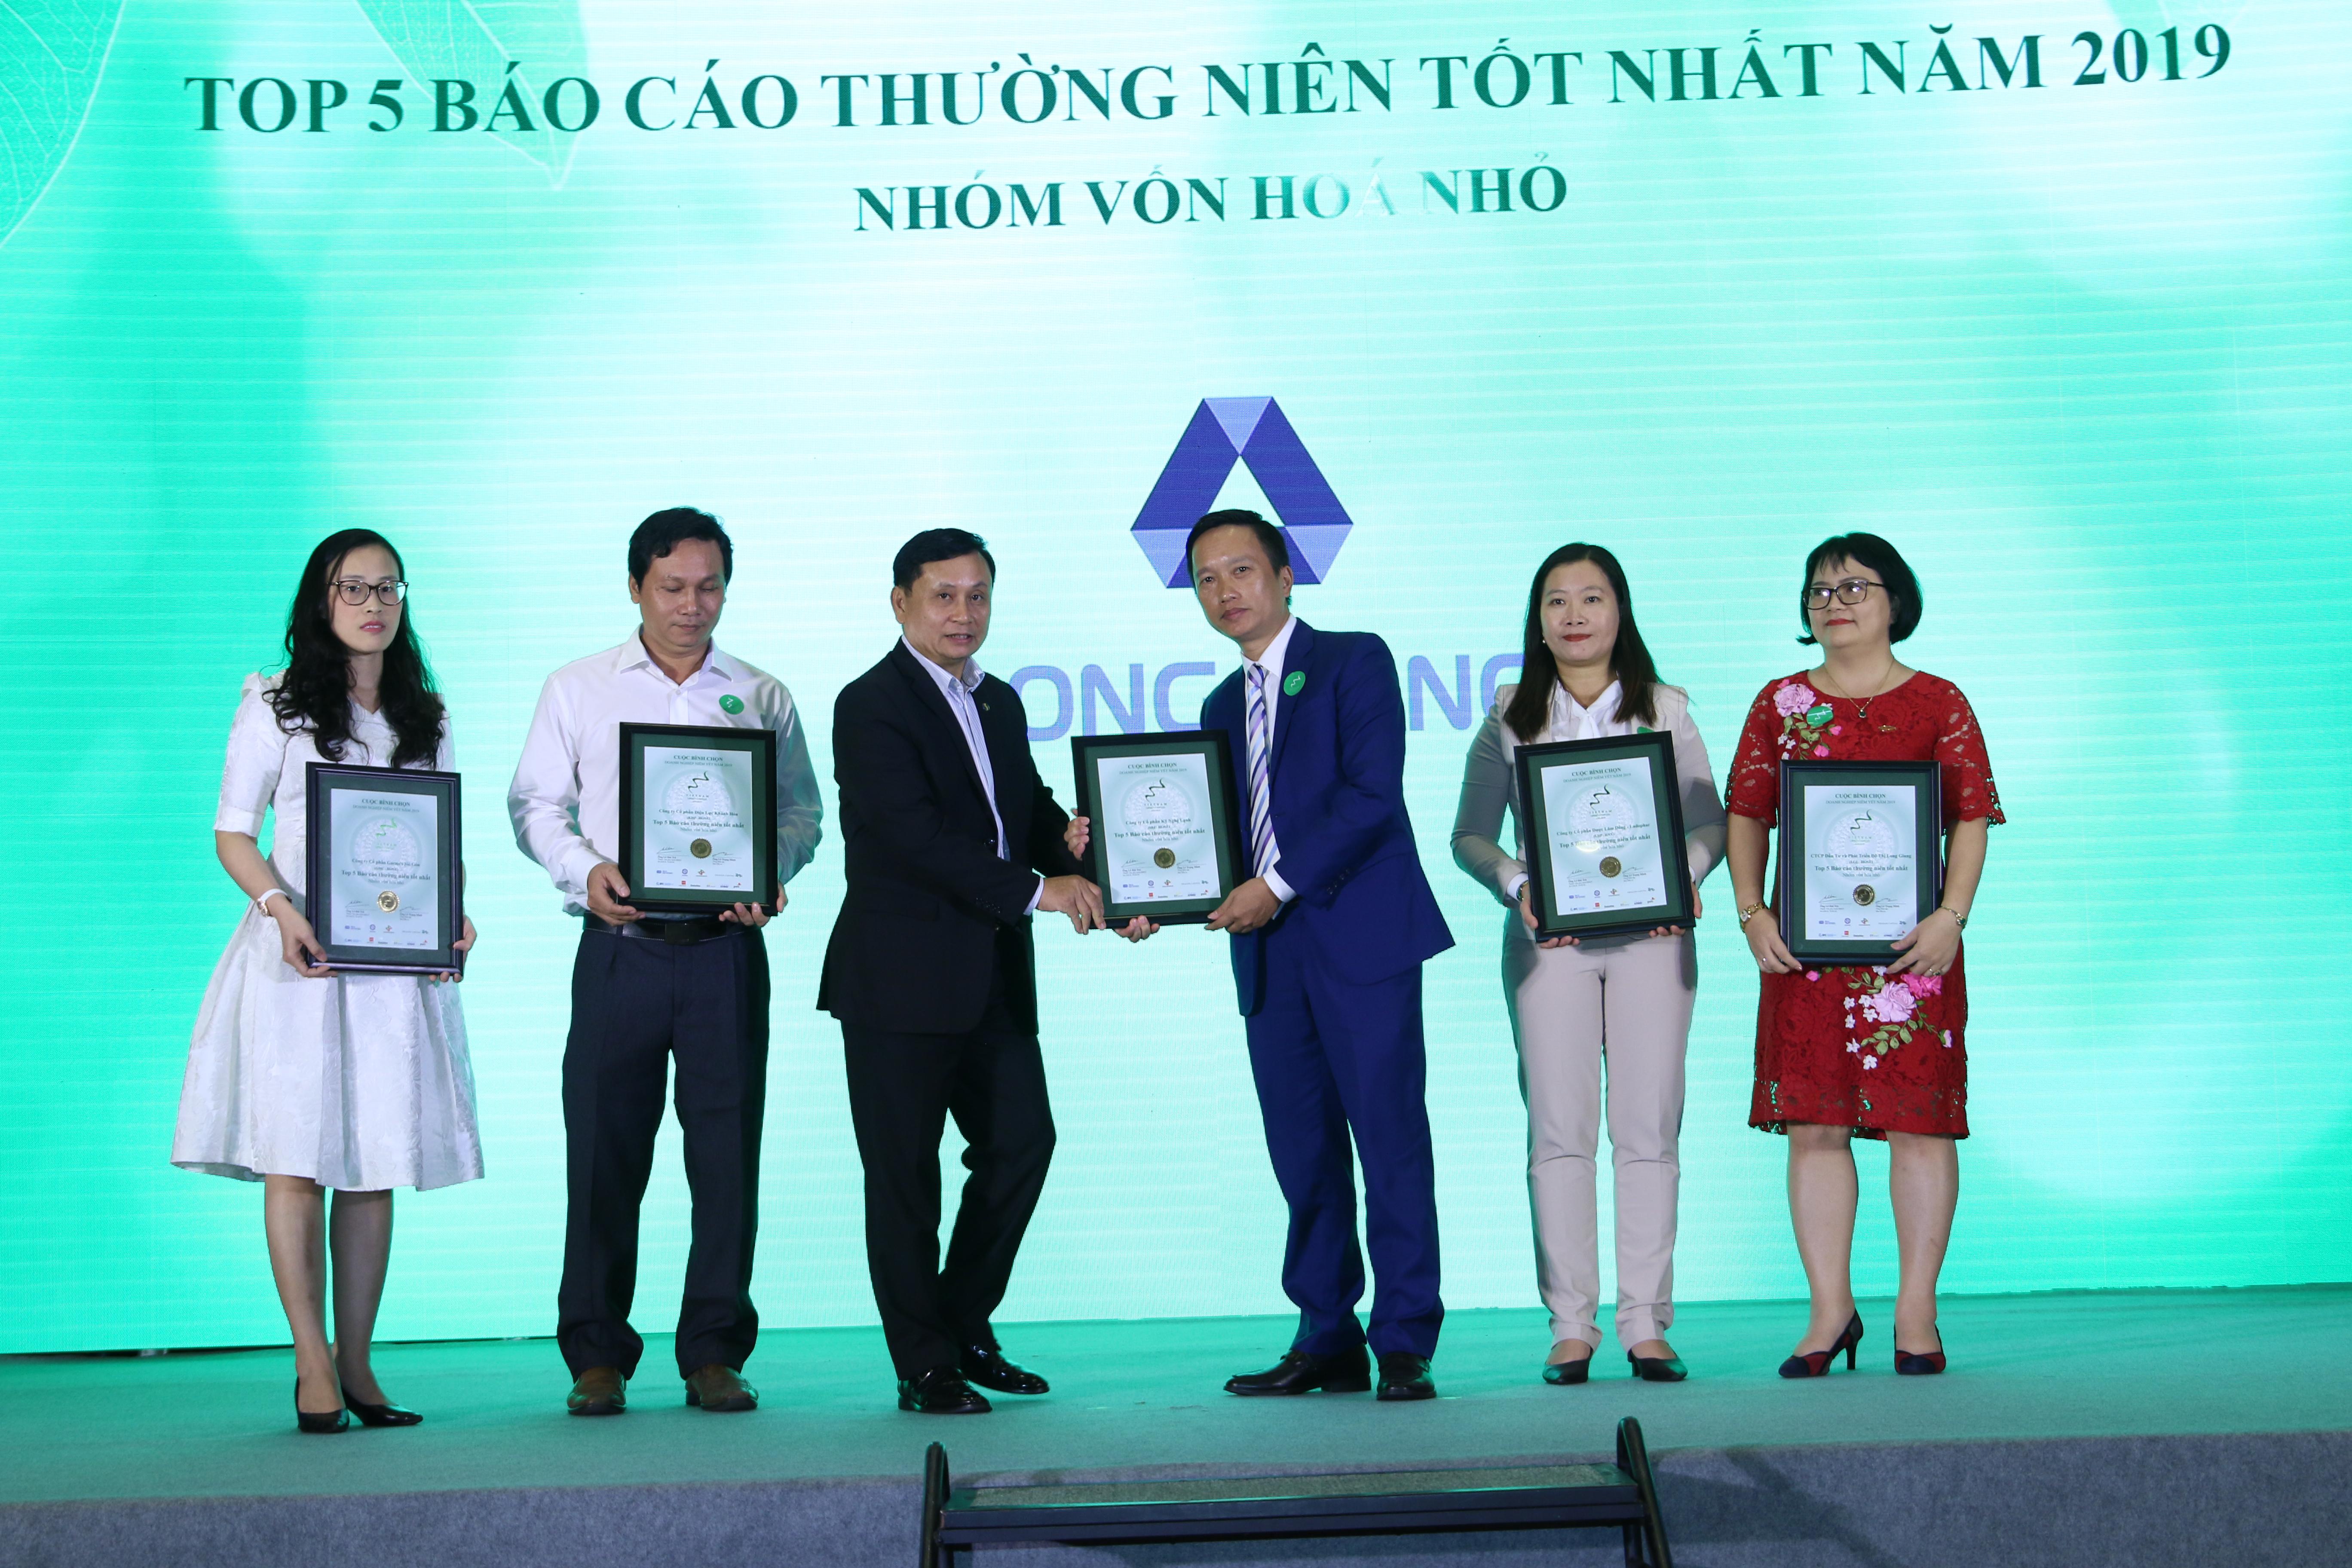 Long Giang Land đạt giải Báo cáo thường niên tốt nhất